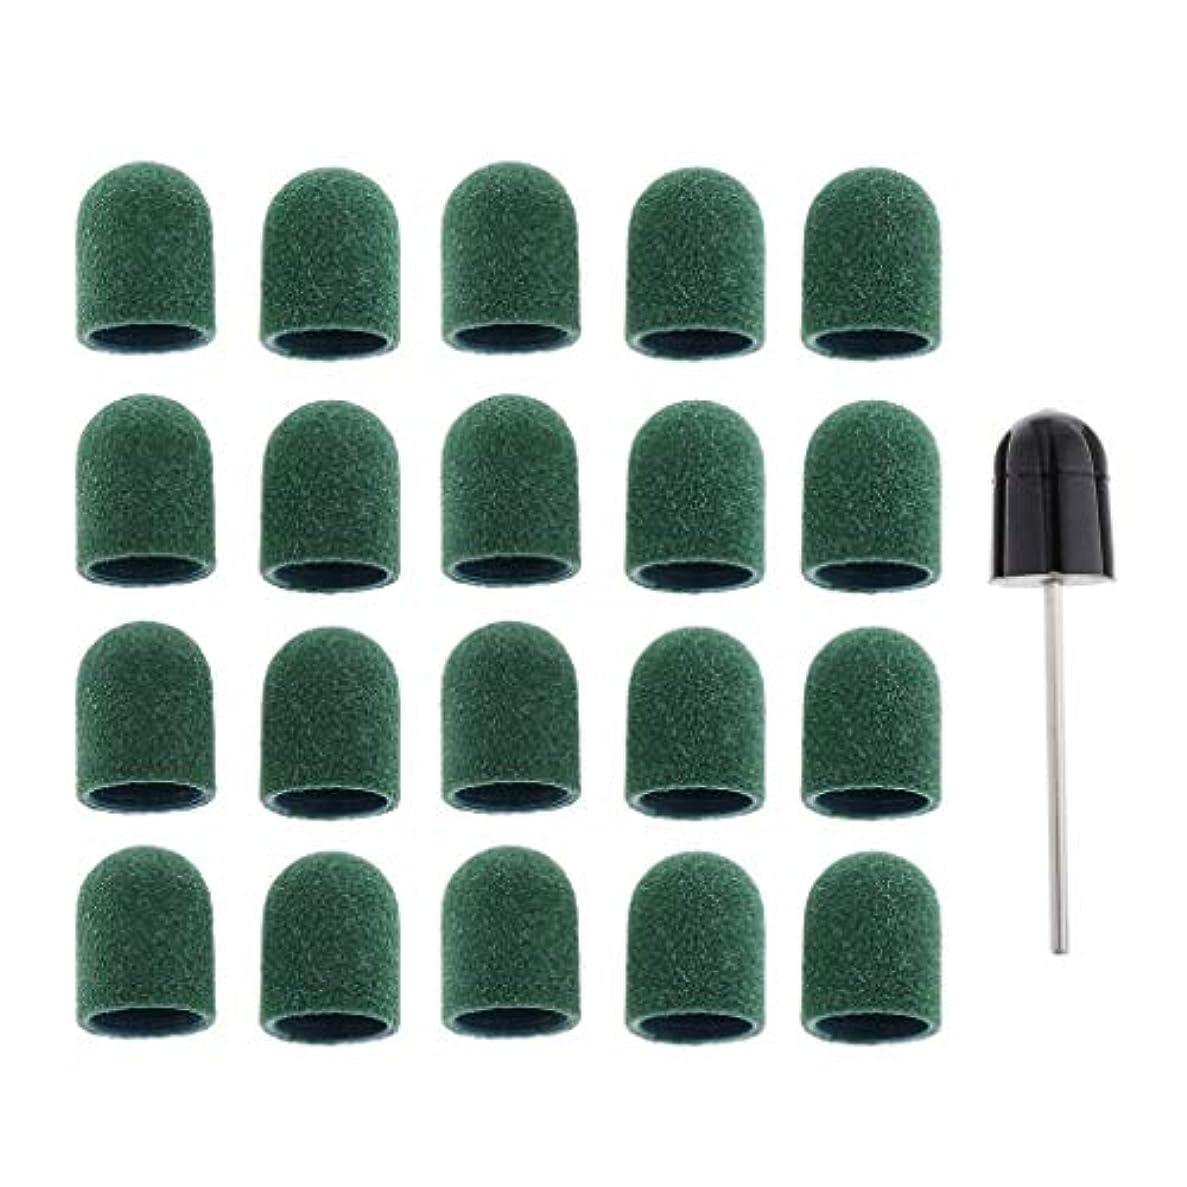 騙す泥棒キーPerfeclan 約20個 マニキュア DIY ネイルサンディングキャップ ドレルビット付き ネイルアートツールセット 全5色 - 緑